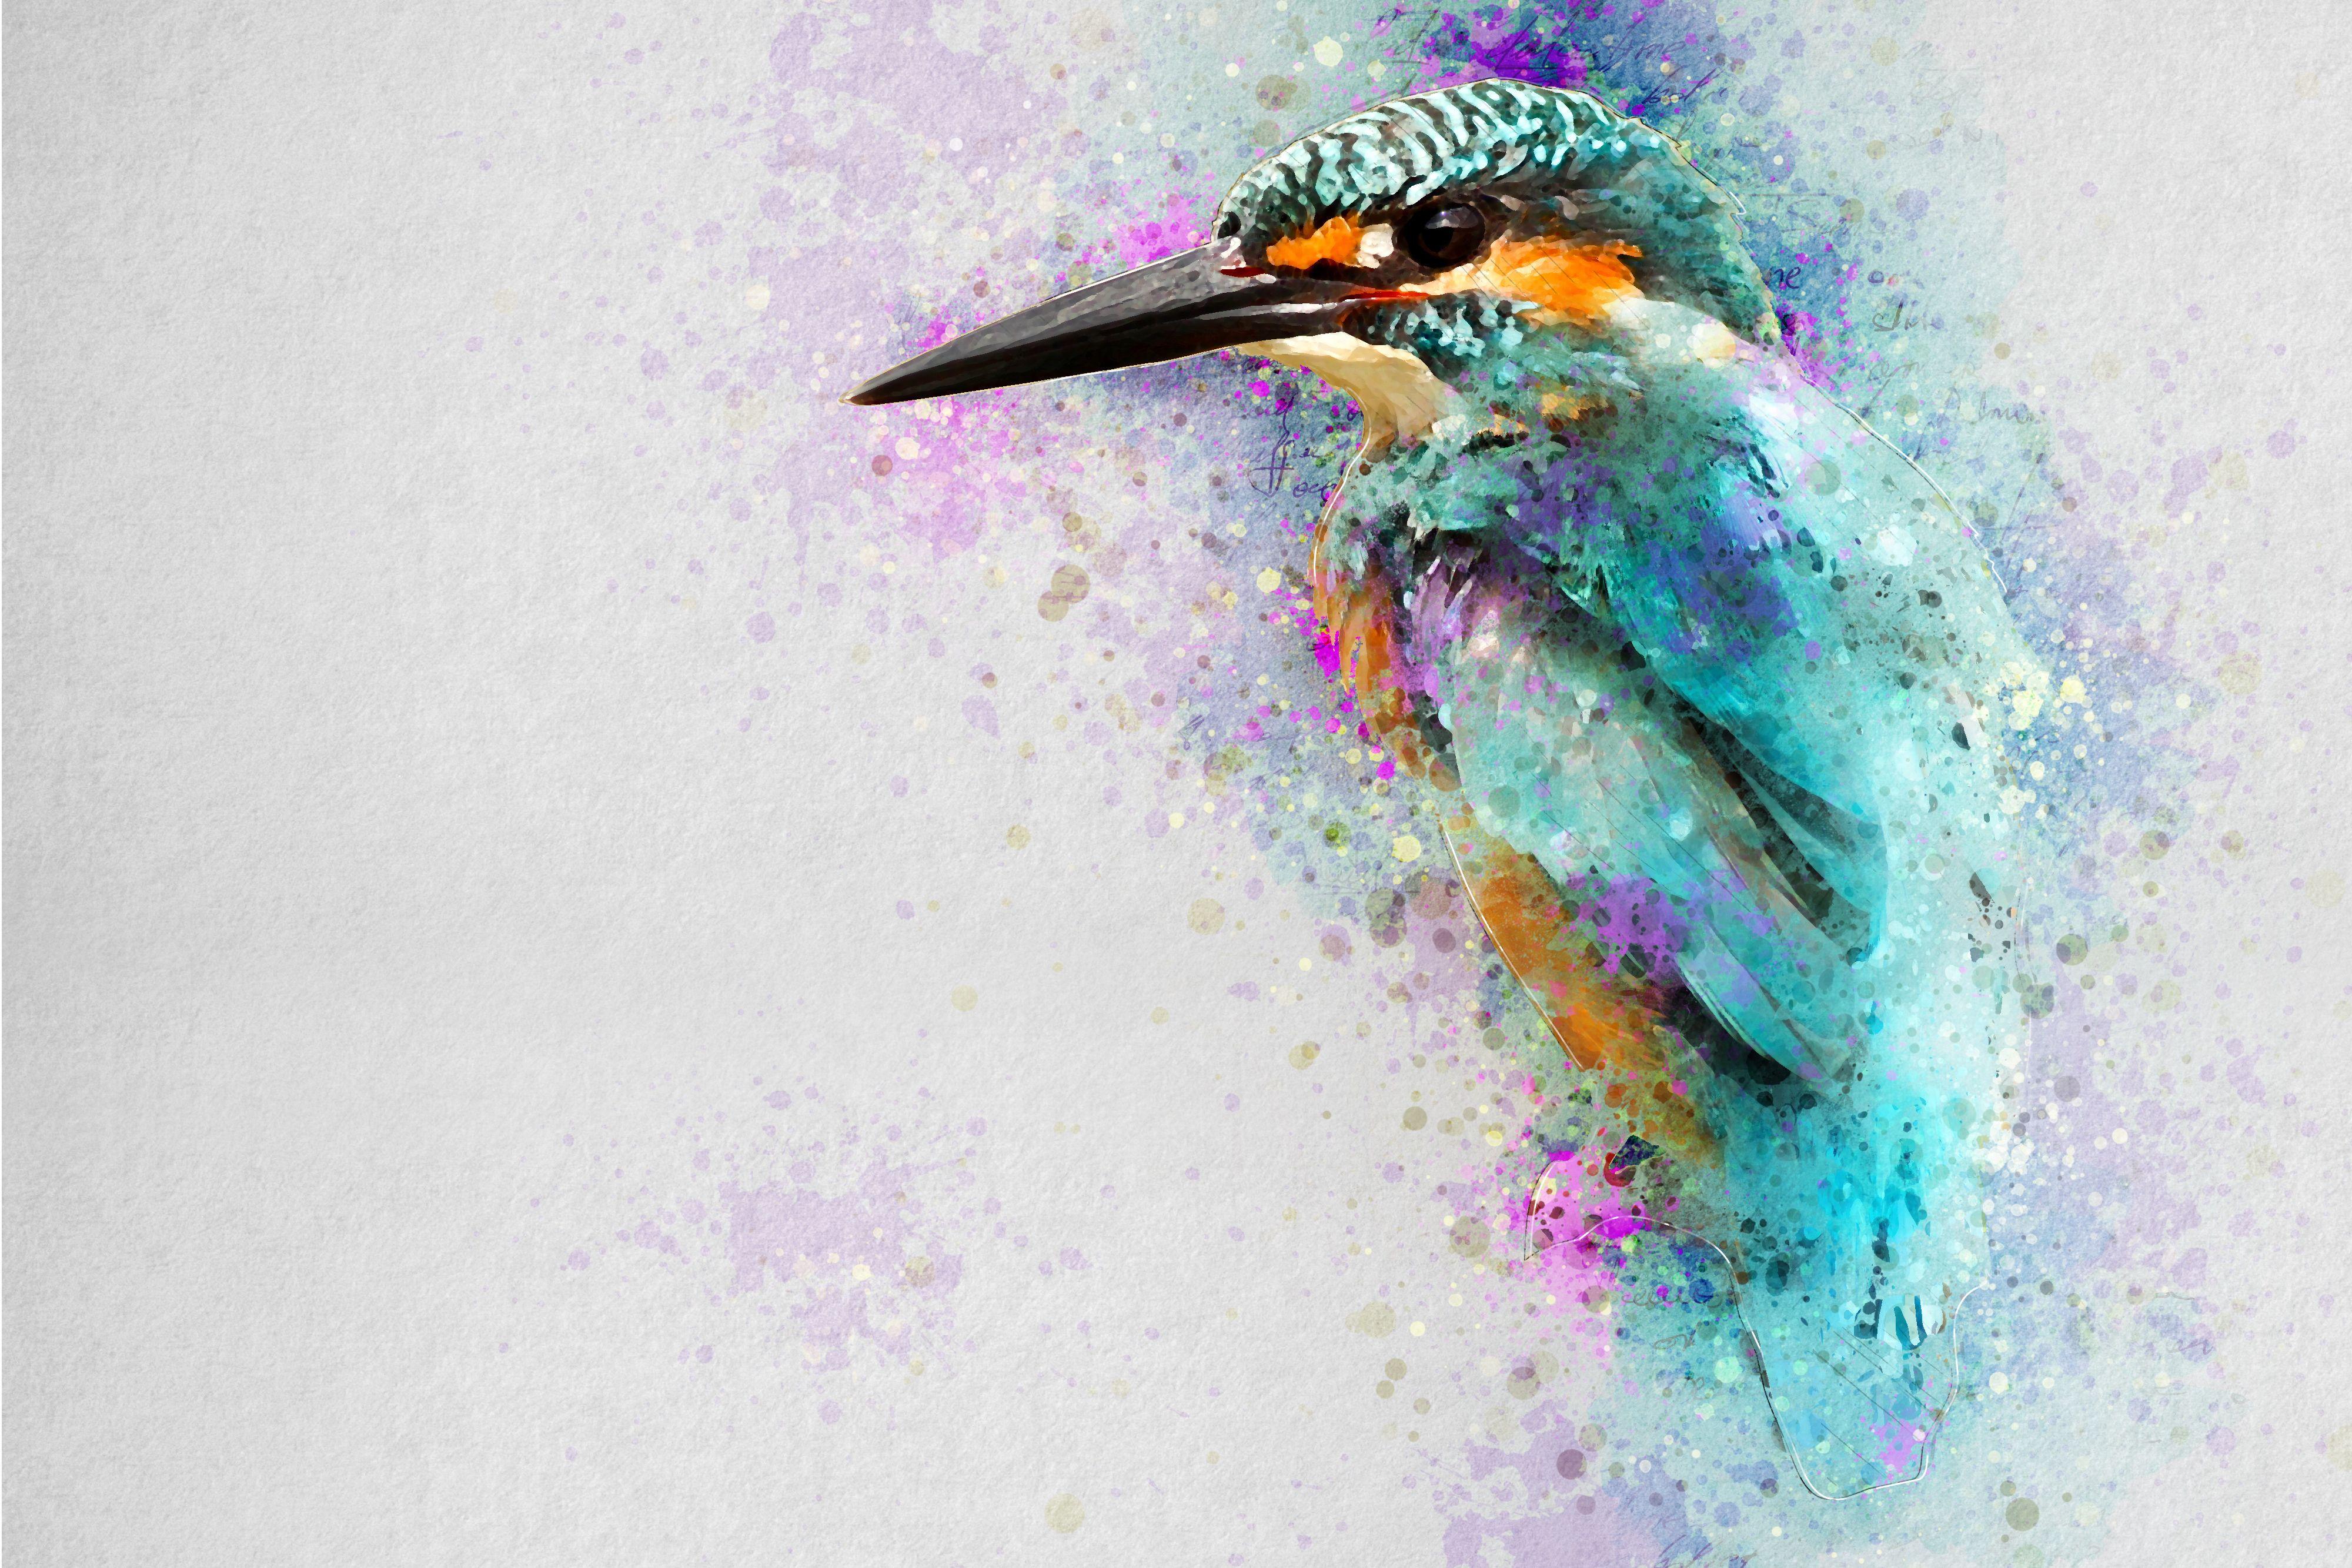 Aquarelle Photoshop Action Watercolor Photoshop Action